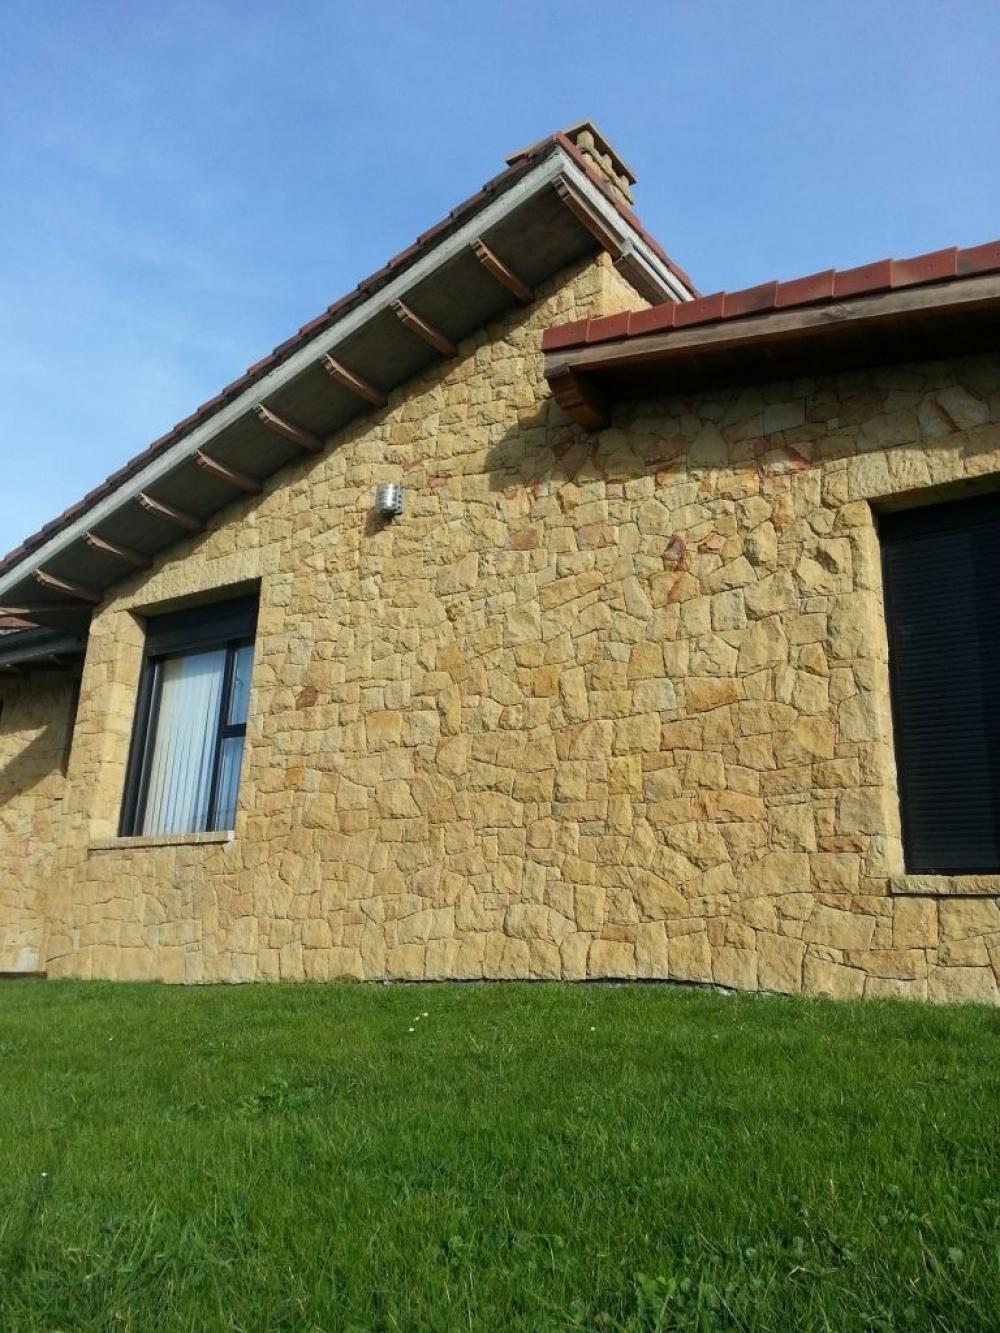 Reformas die construcci n de casas r sticas en pa s vasco reformas integrales en bilbao - Casas pais vasco ...